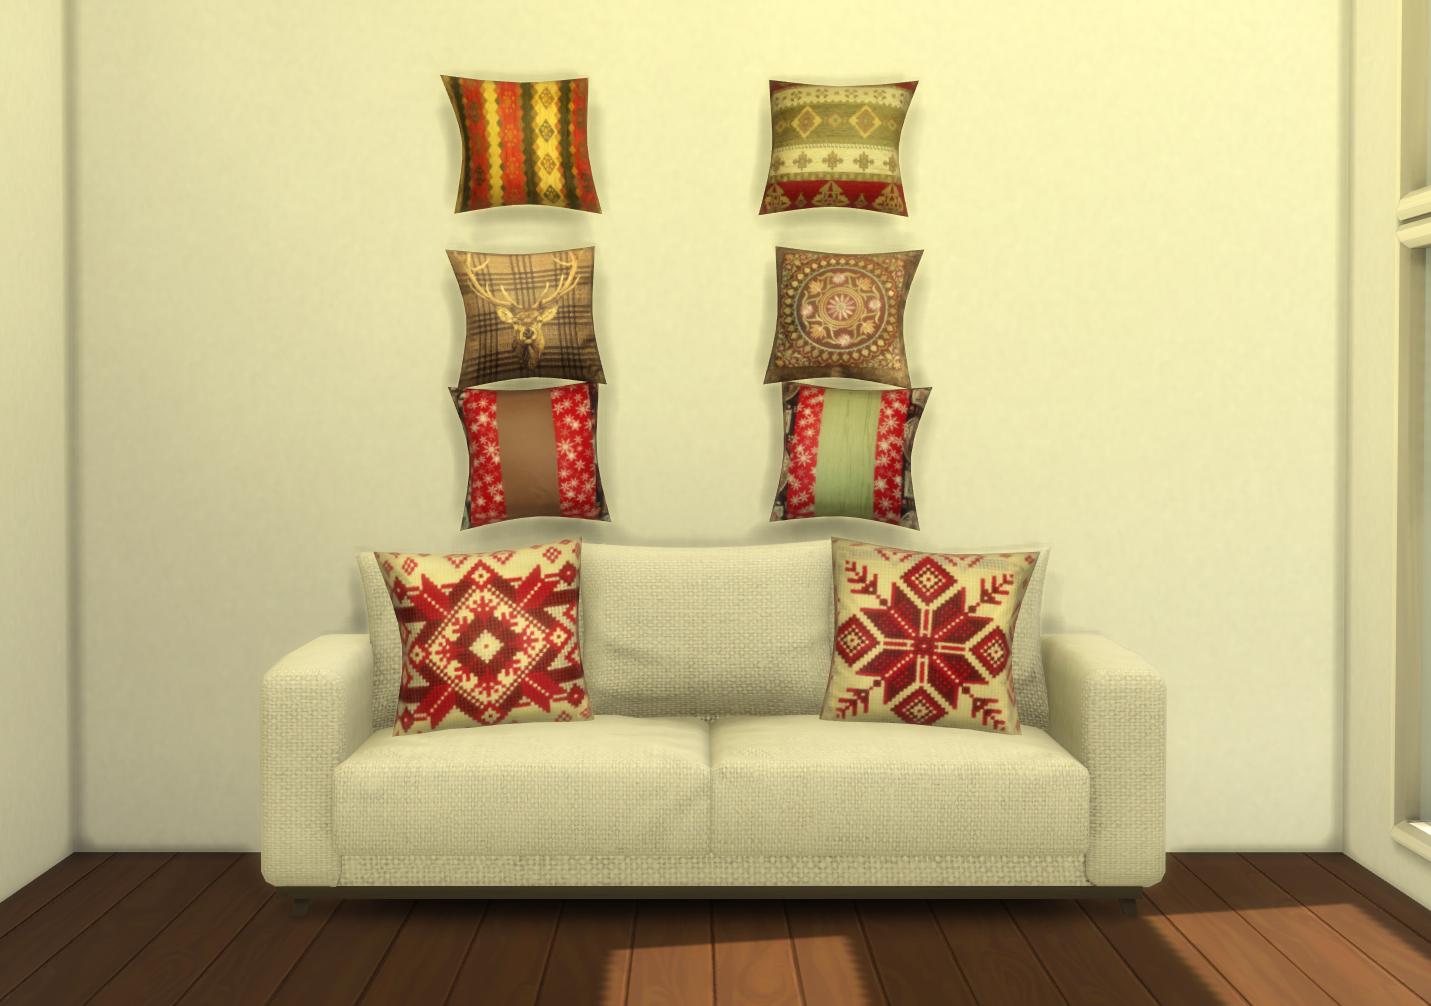 Two sofa pillows